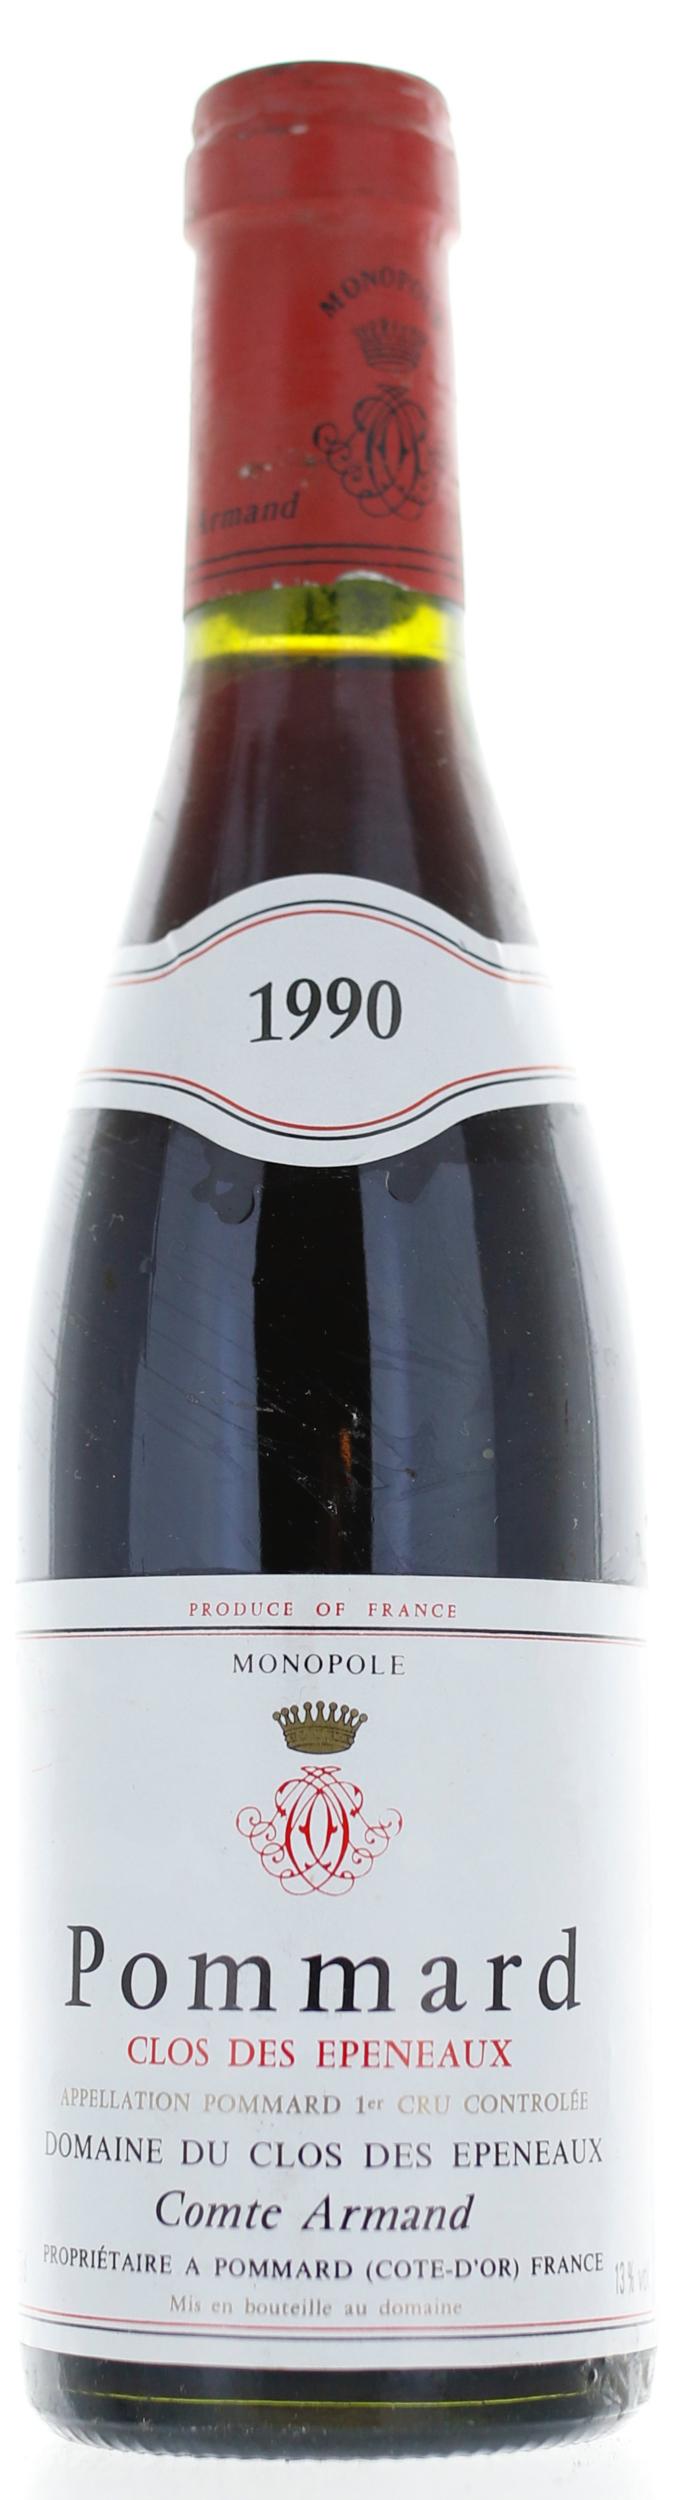 Pommard - Clos des Epeneaux - 1990 - 50 cl